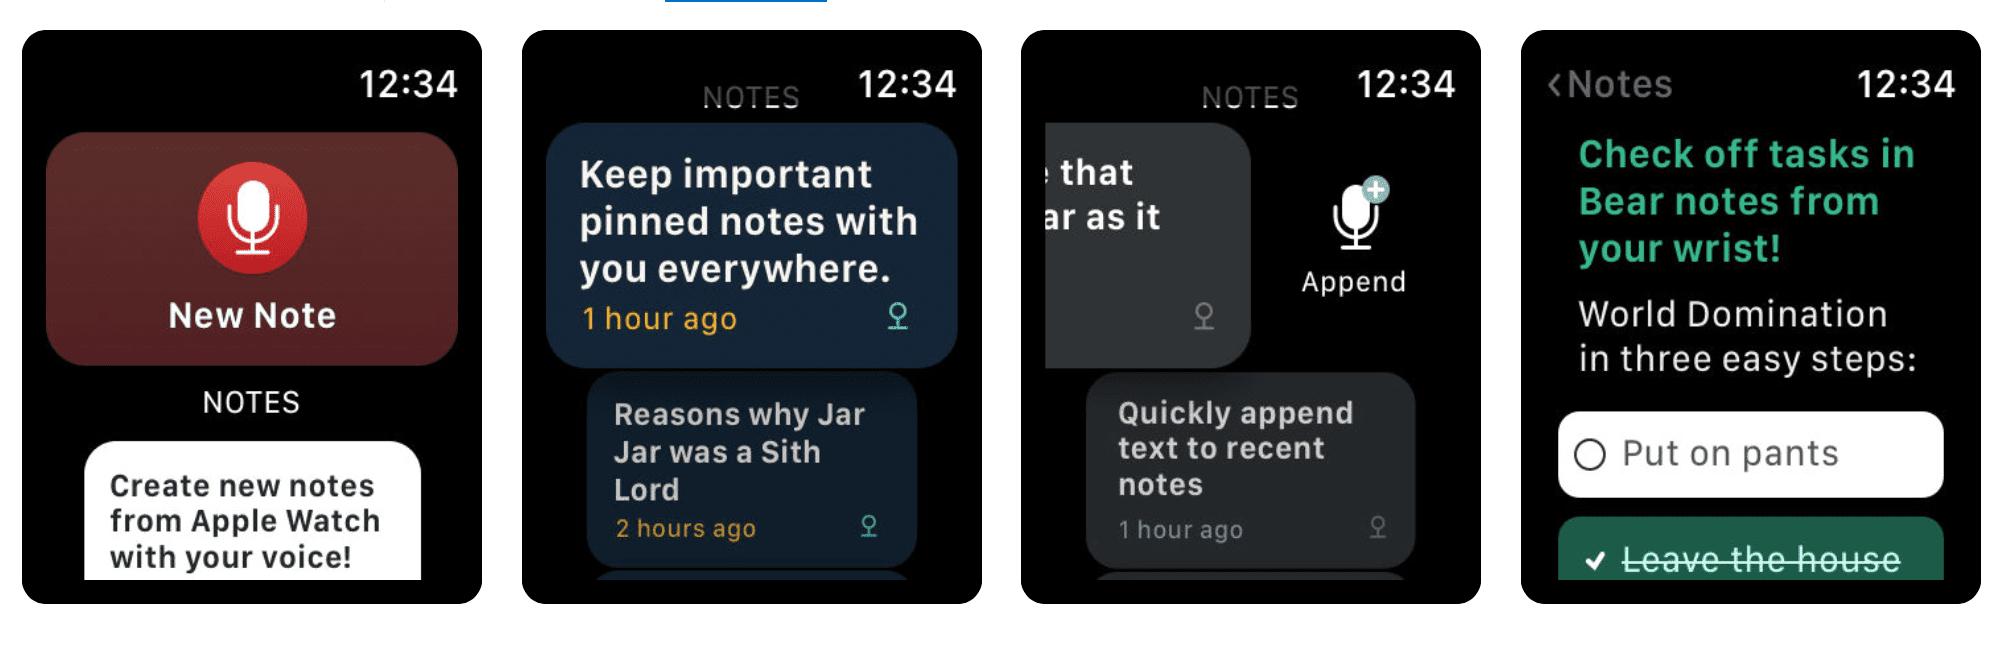 bear notes Apple Watch complication screenshot